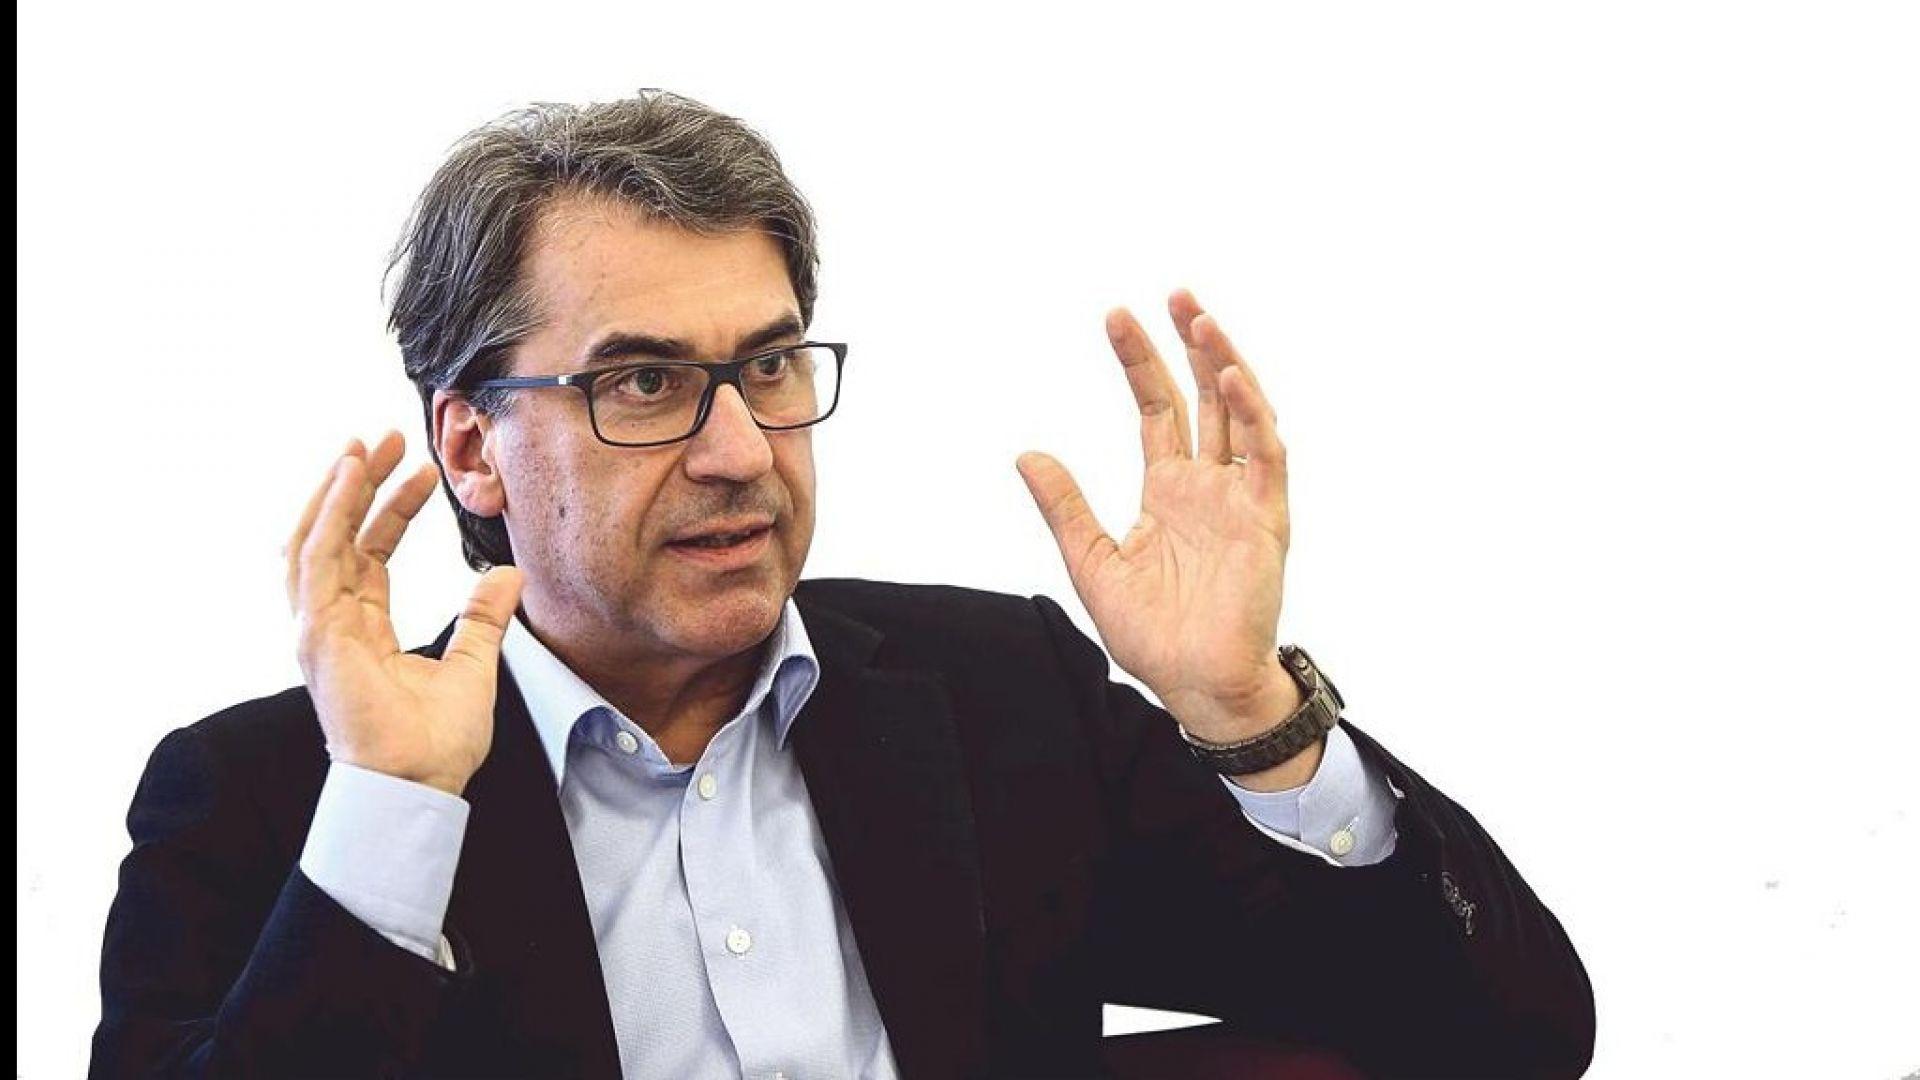 Stefan Pierer CEO di KTM